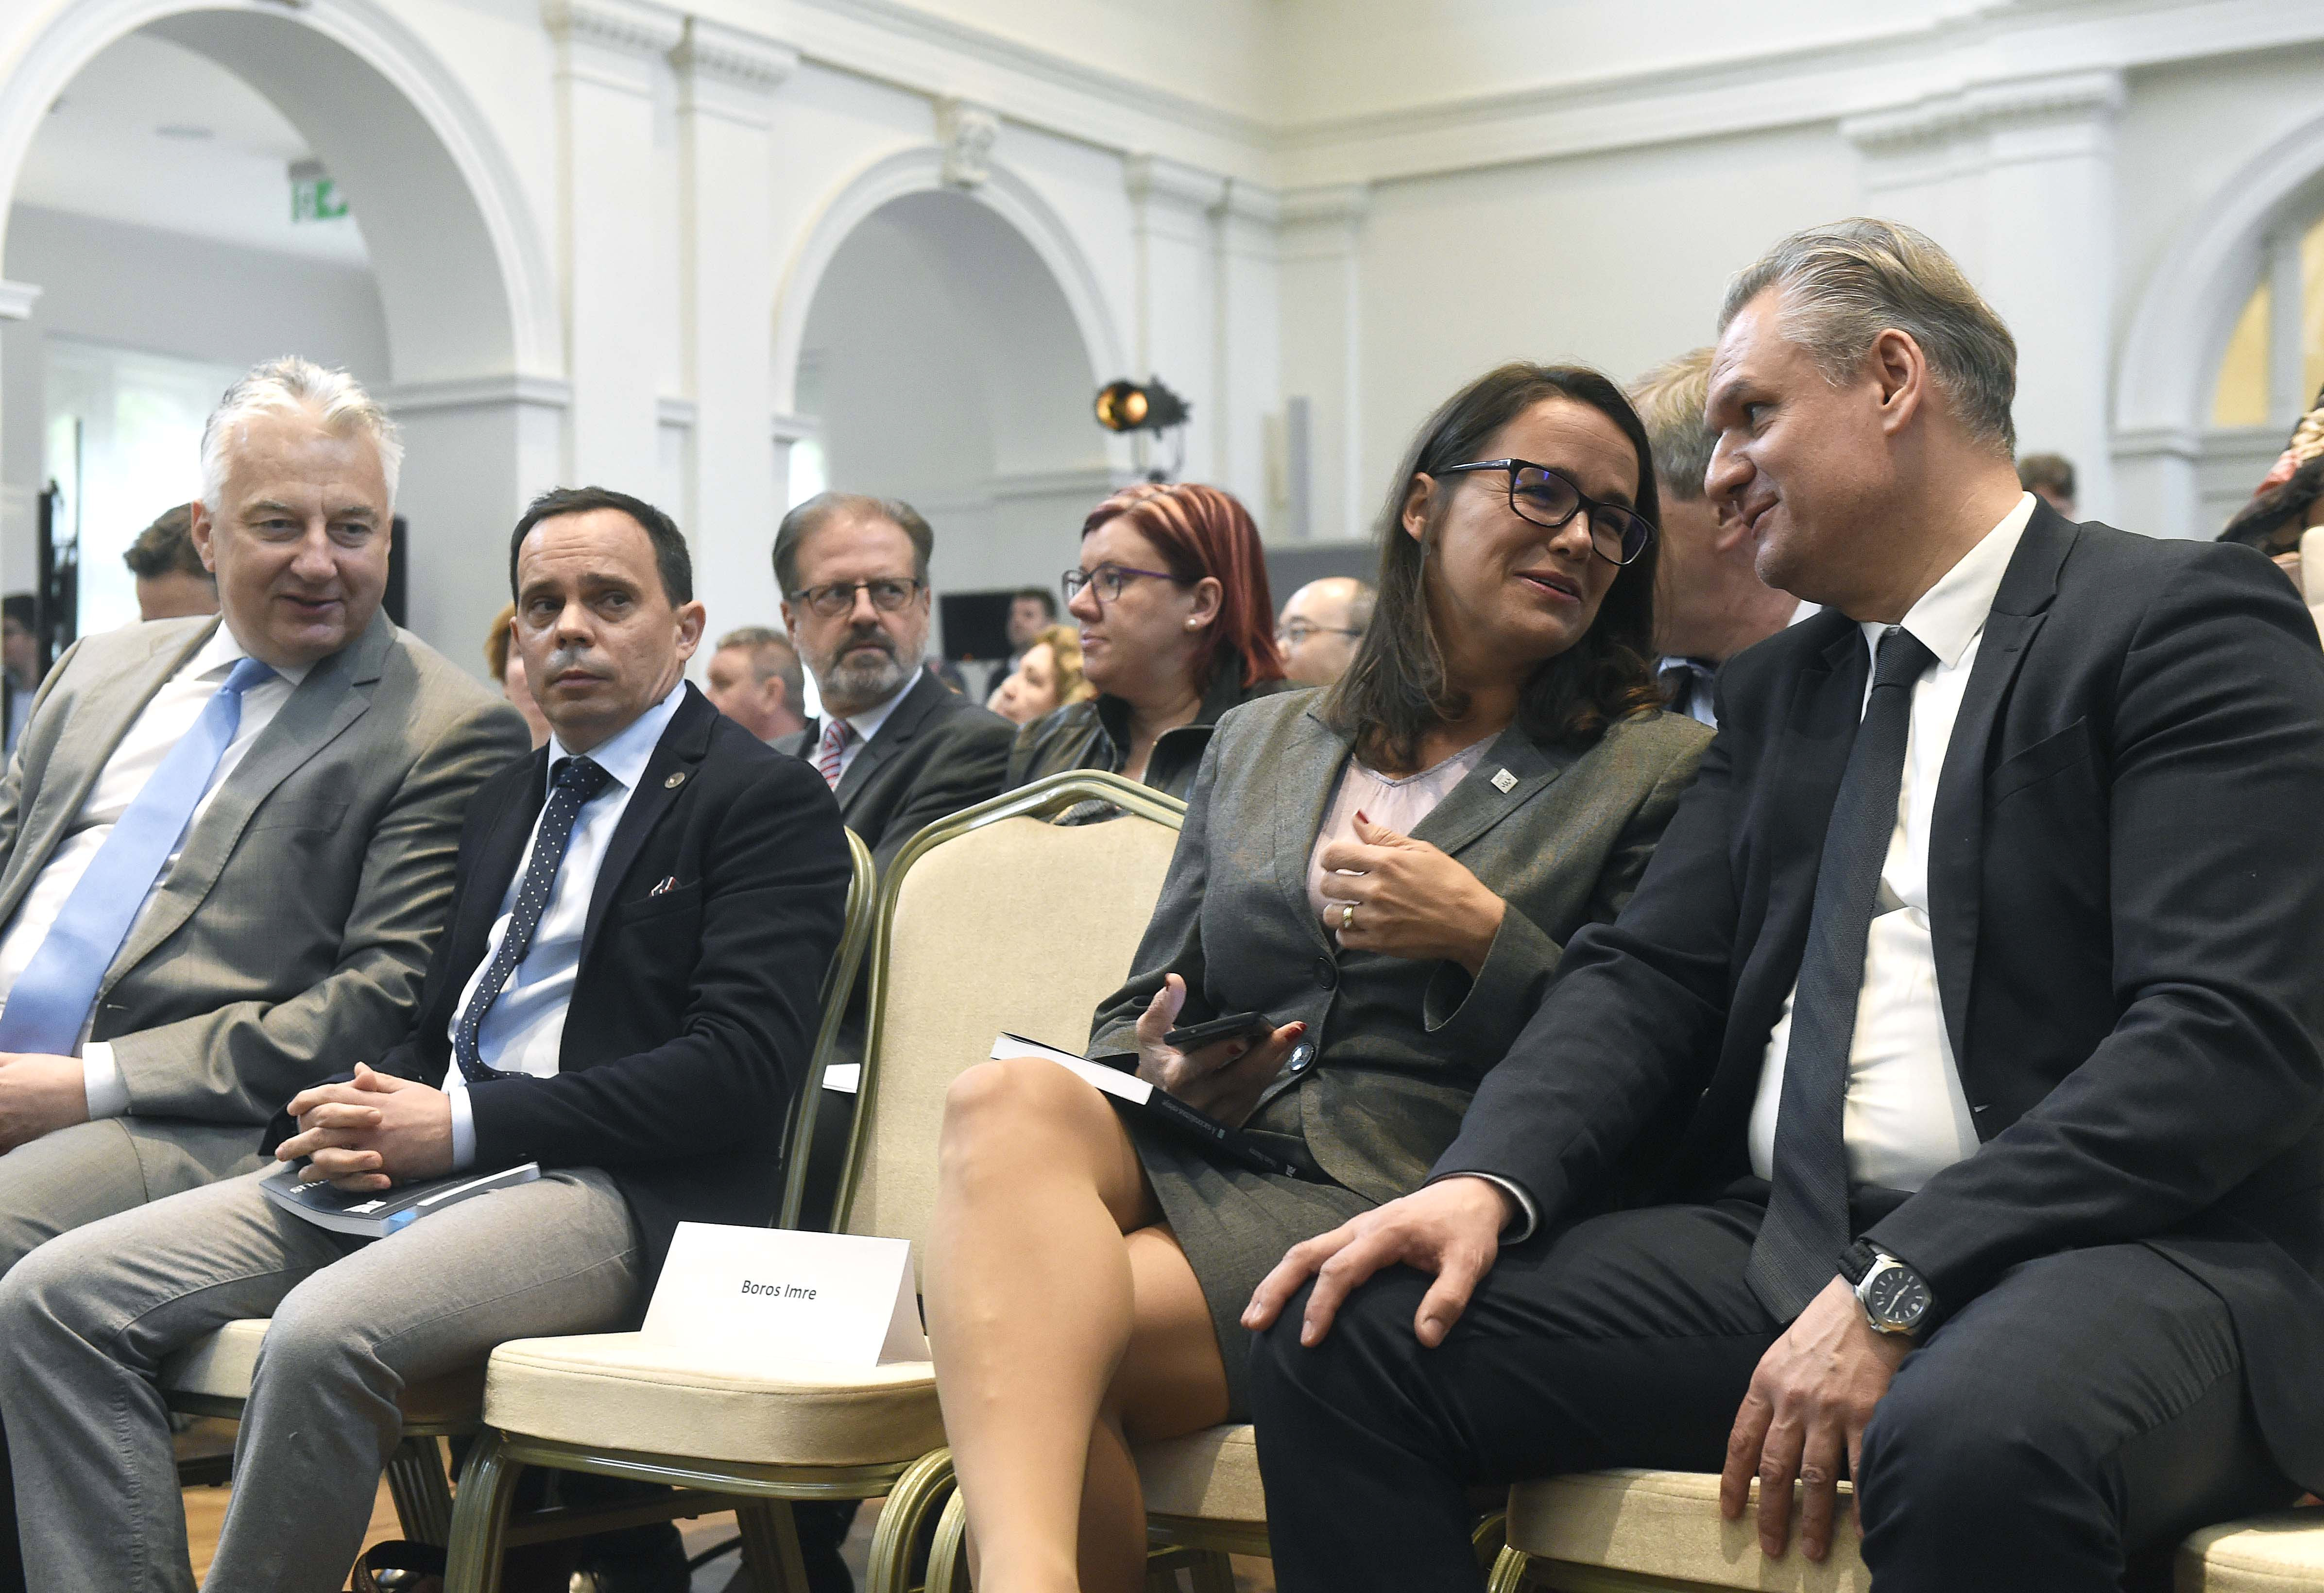 1,3 milliárdot kapott a kormánytól a Századvég a gazdasági kilátások kutatására